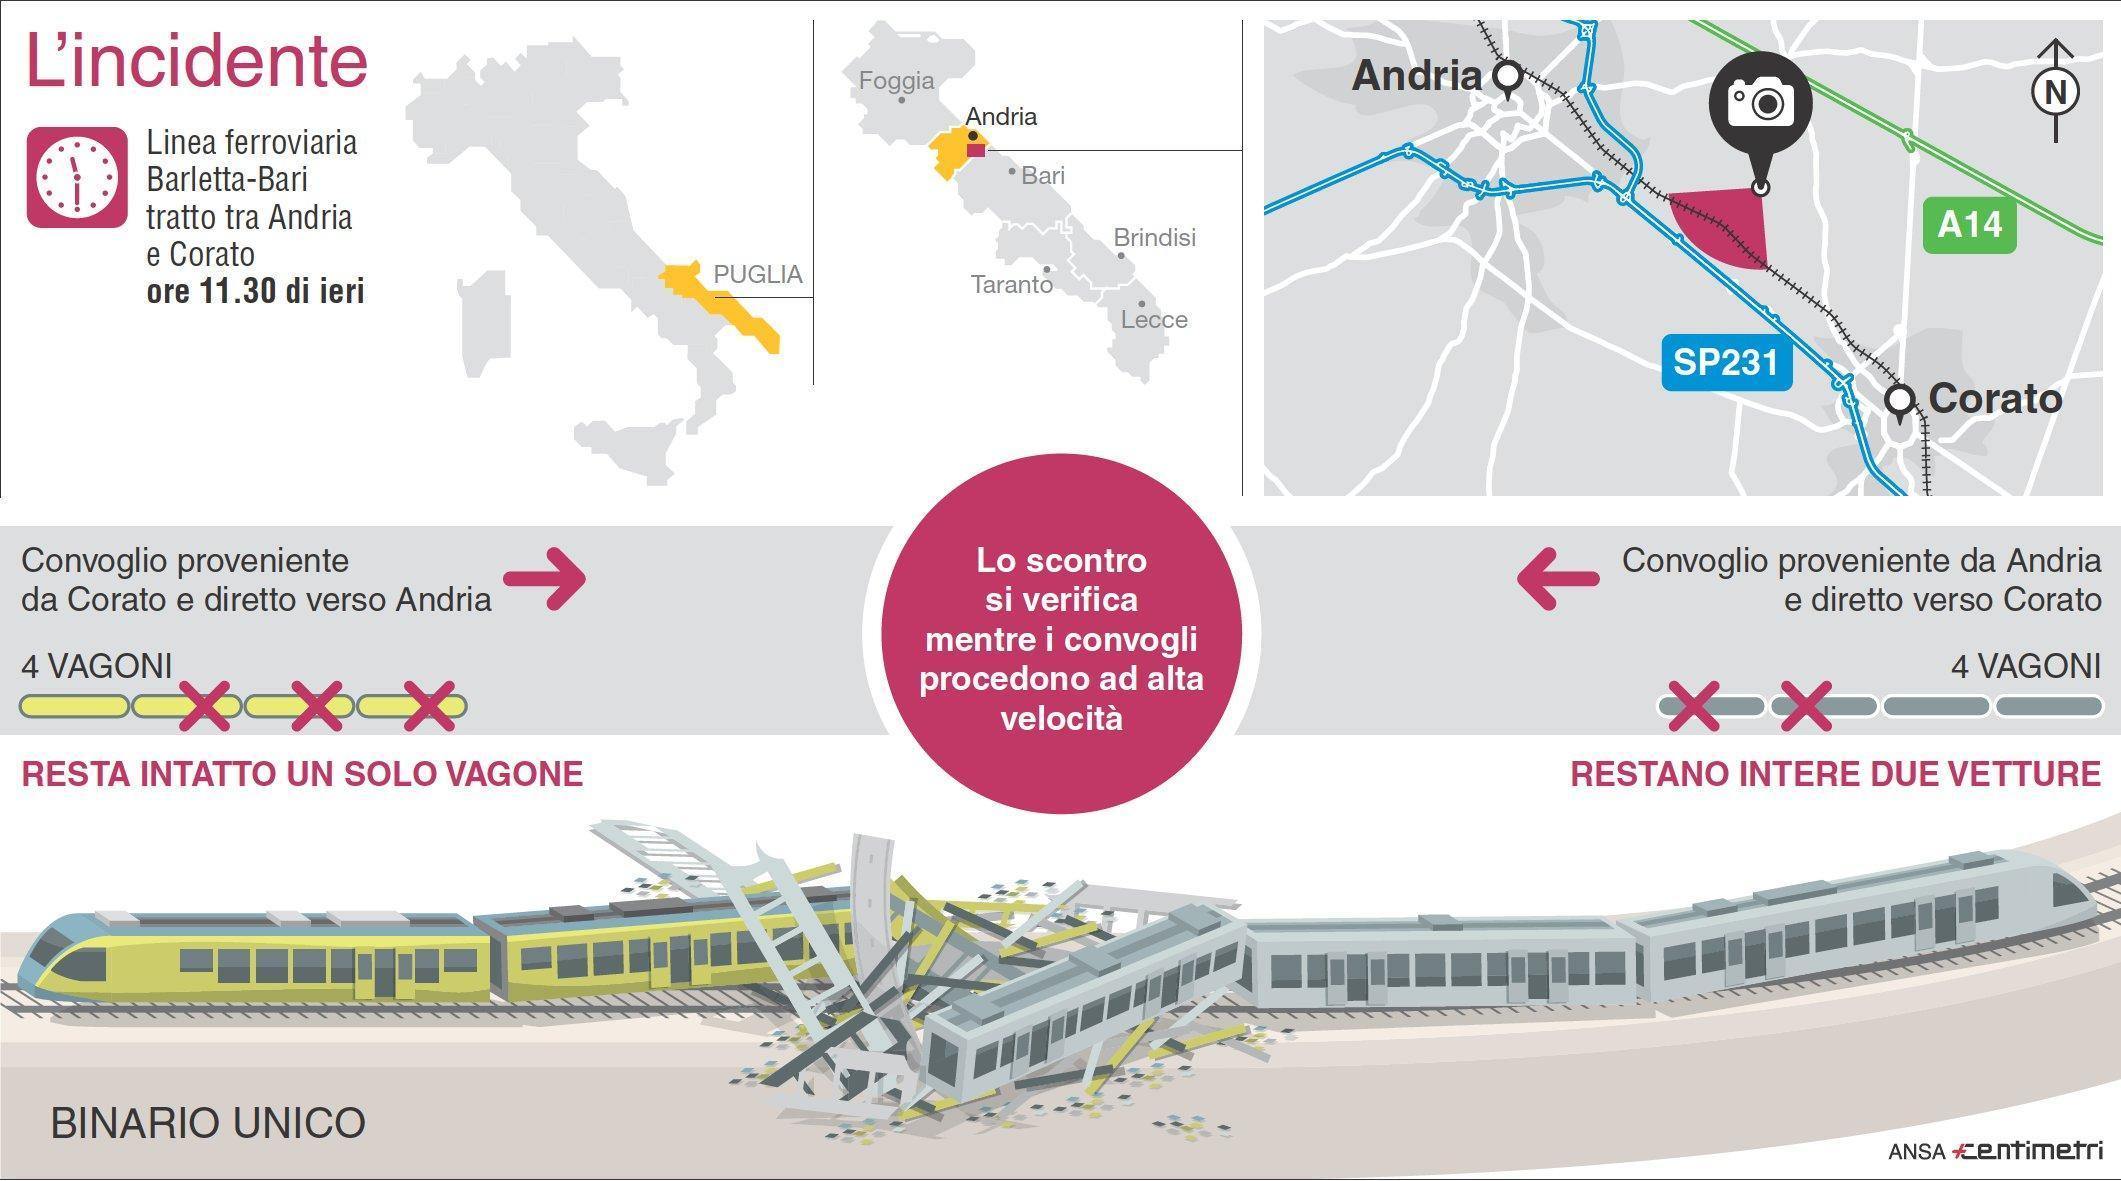 Disastro ferroviario in Puglia: la scheda